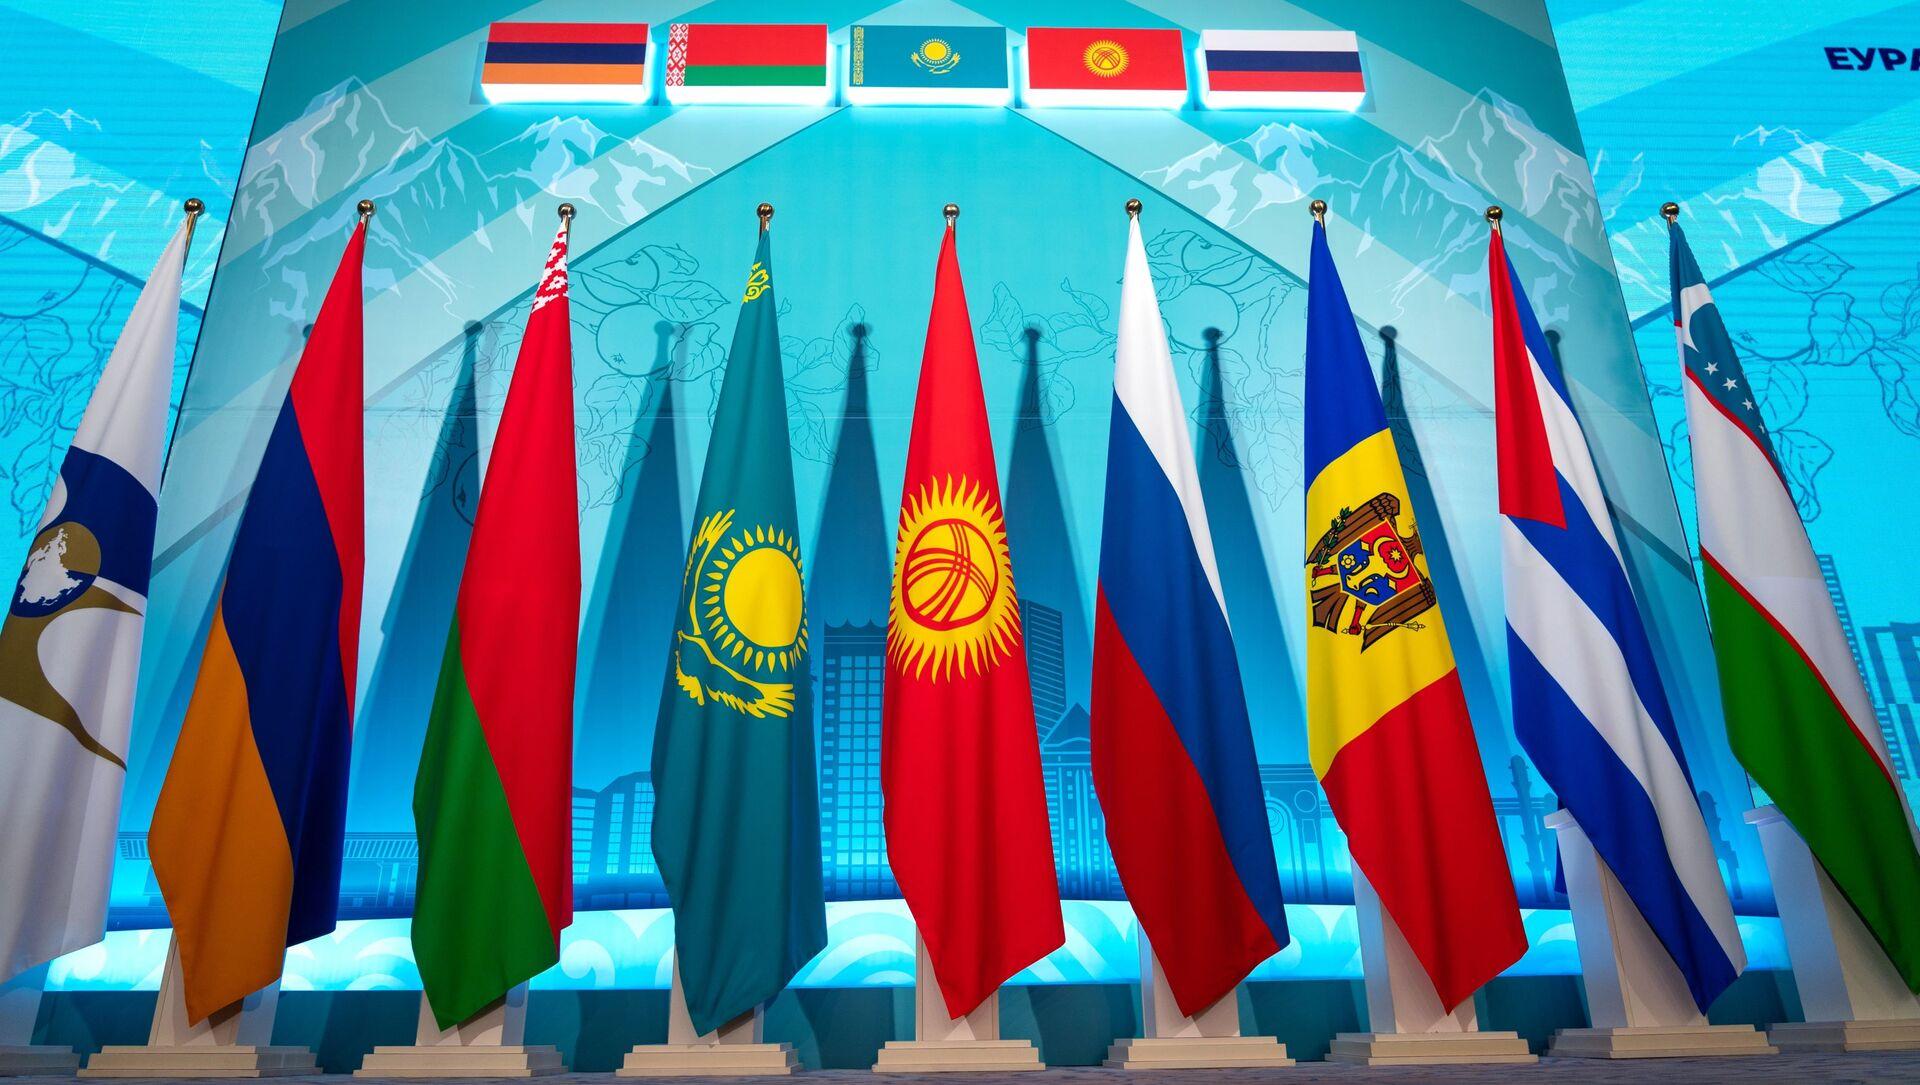 Заседание Евразийского межправительственного совета стран ЕАЭС - Sputnik Азербайджан, 1920, 21.04.2021